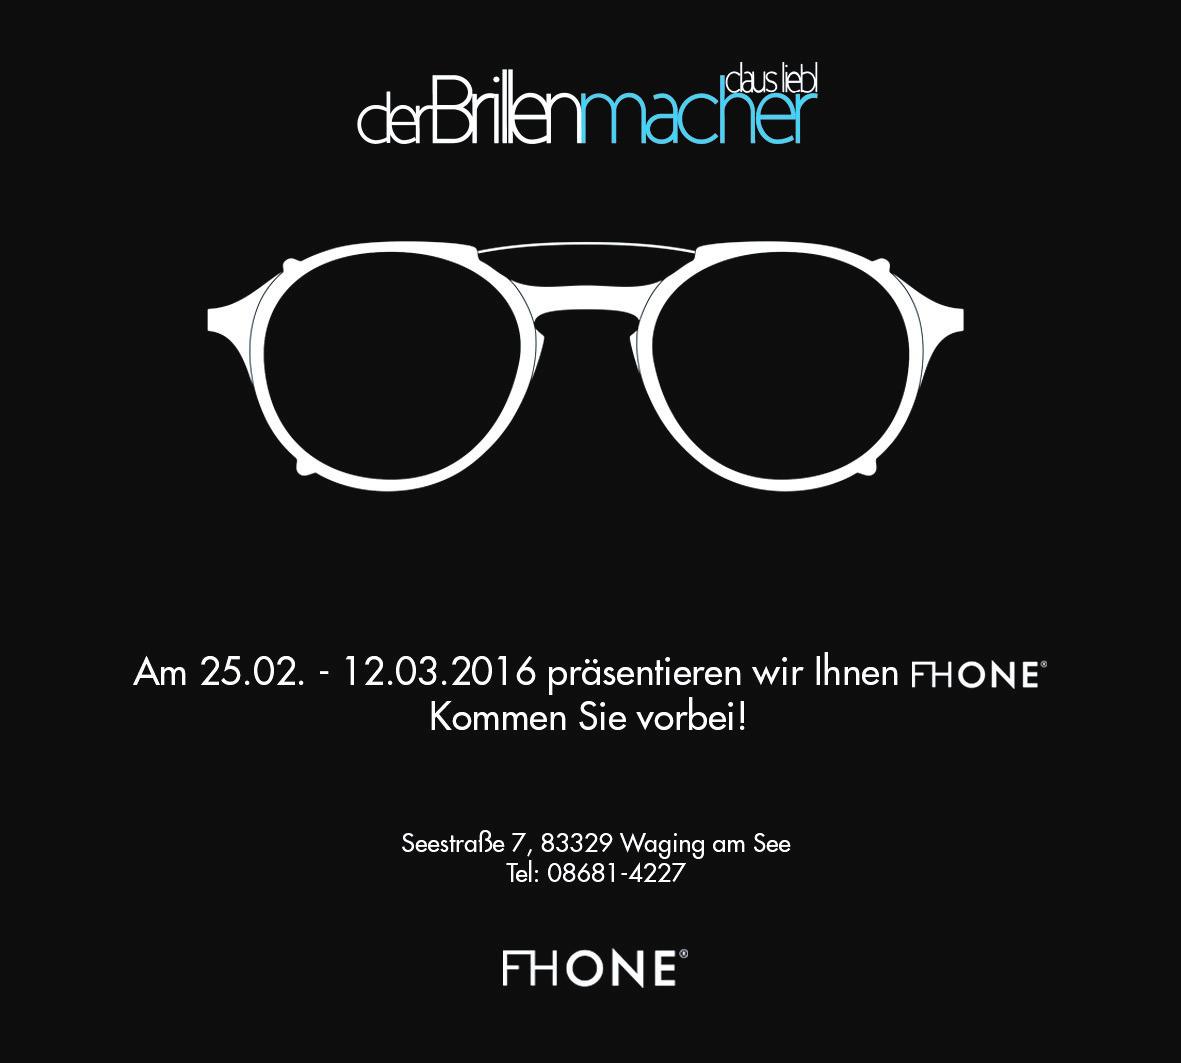 fhone-2016-03